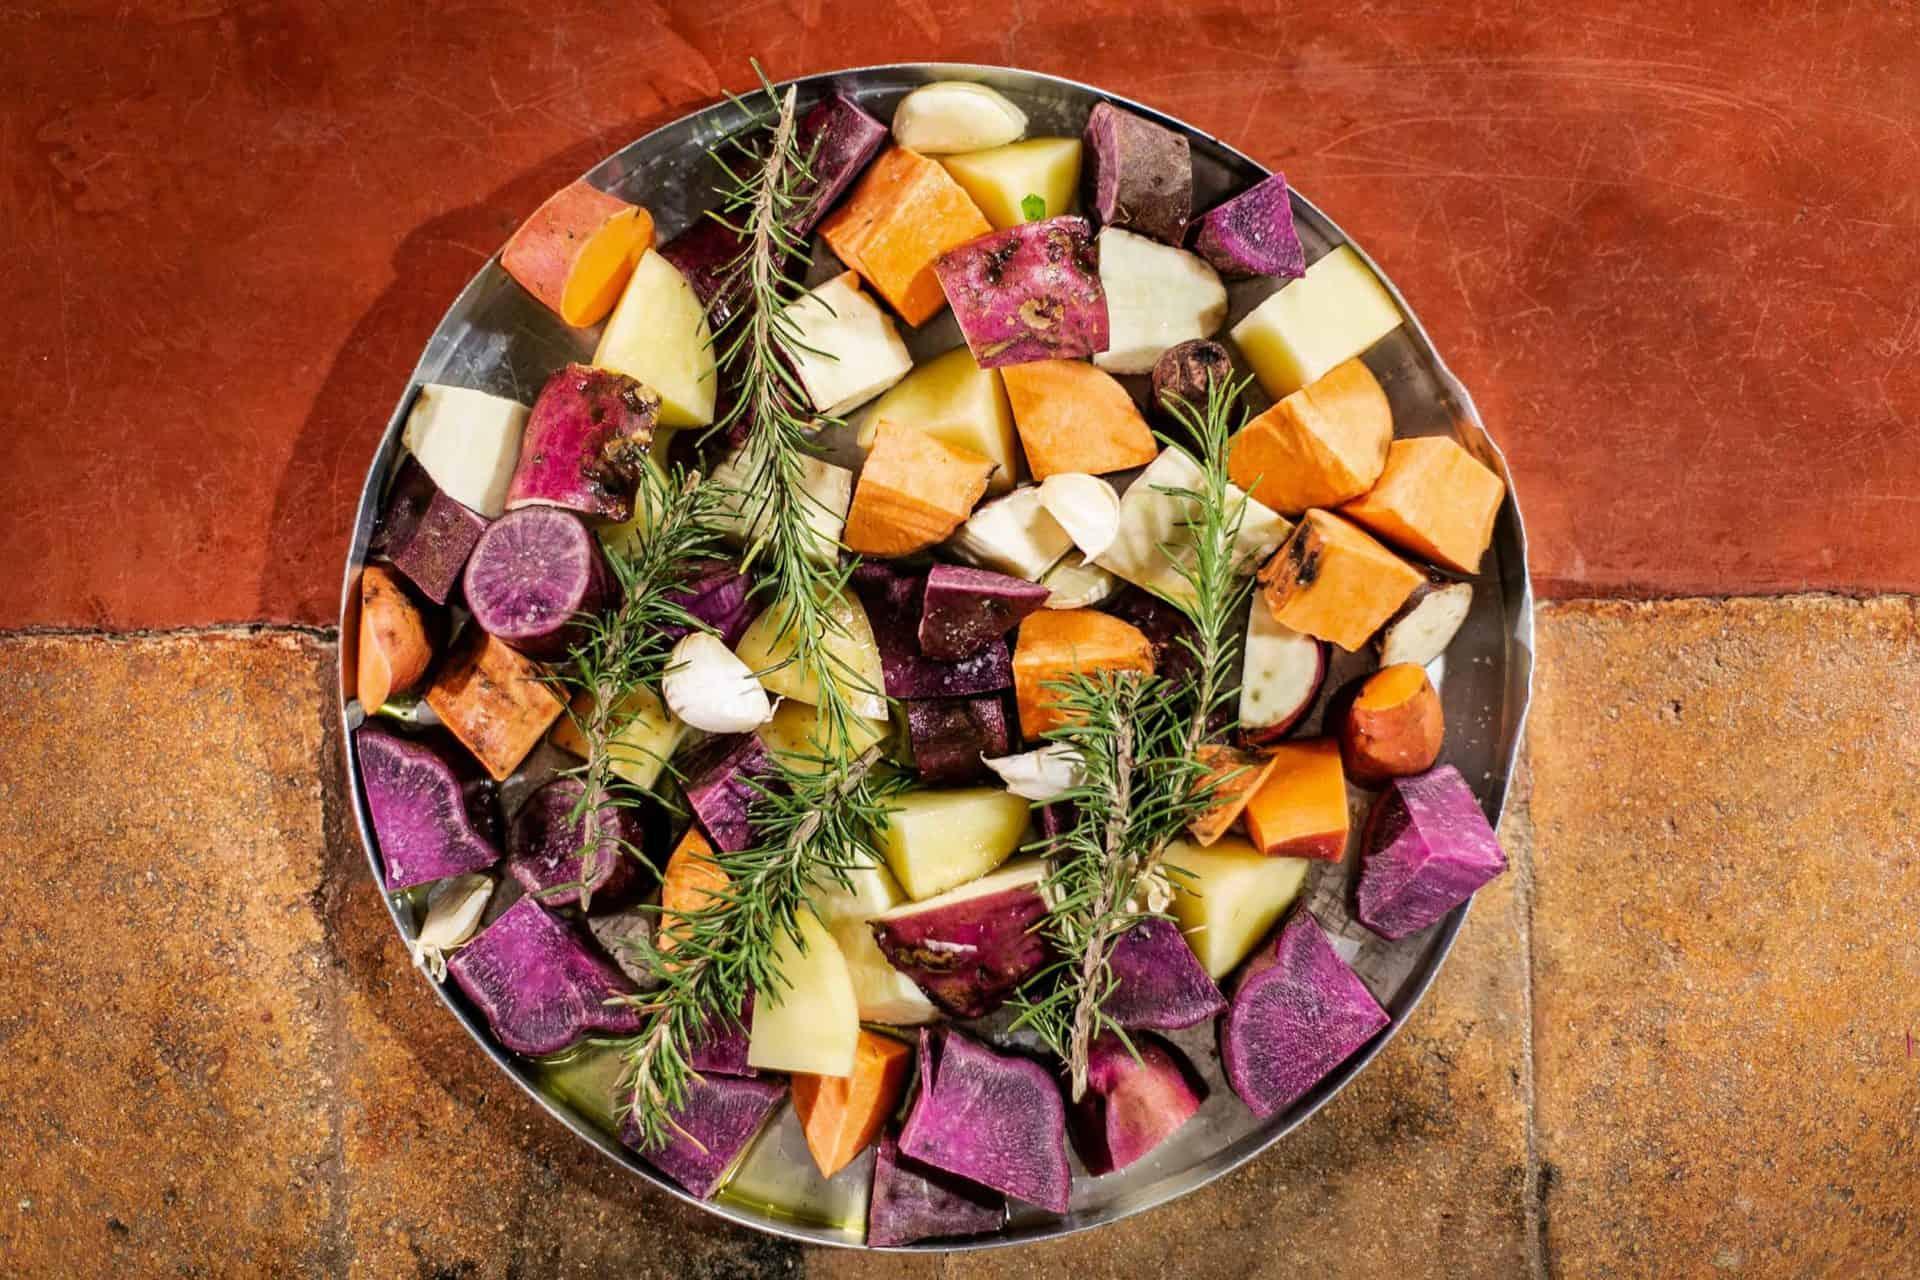 Batatas, batatas-doce roxas e laranjas numa assadeira, com uma rama de alecrim, prontas para serem assadas